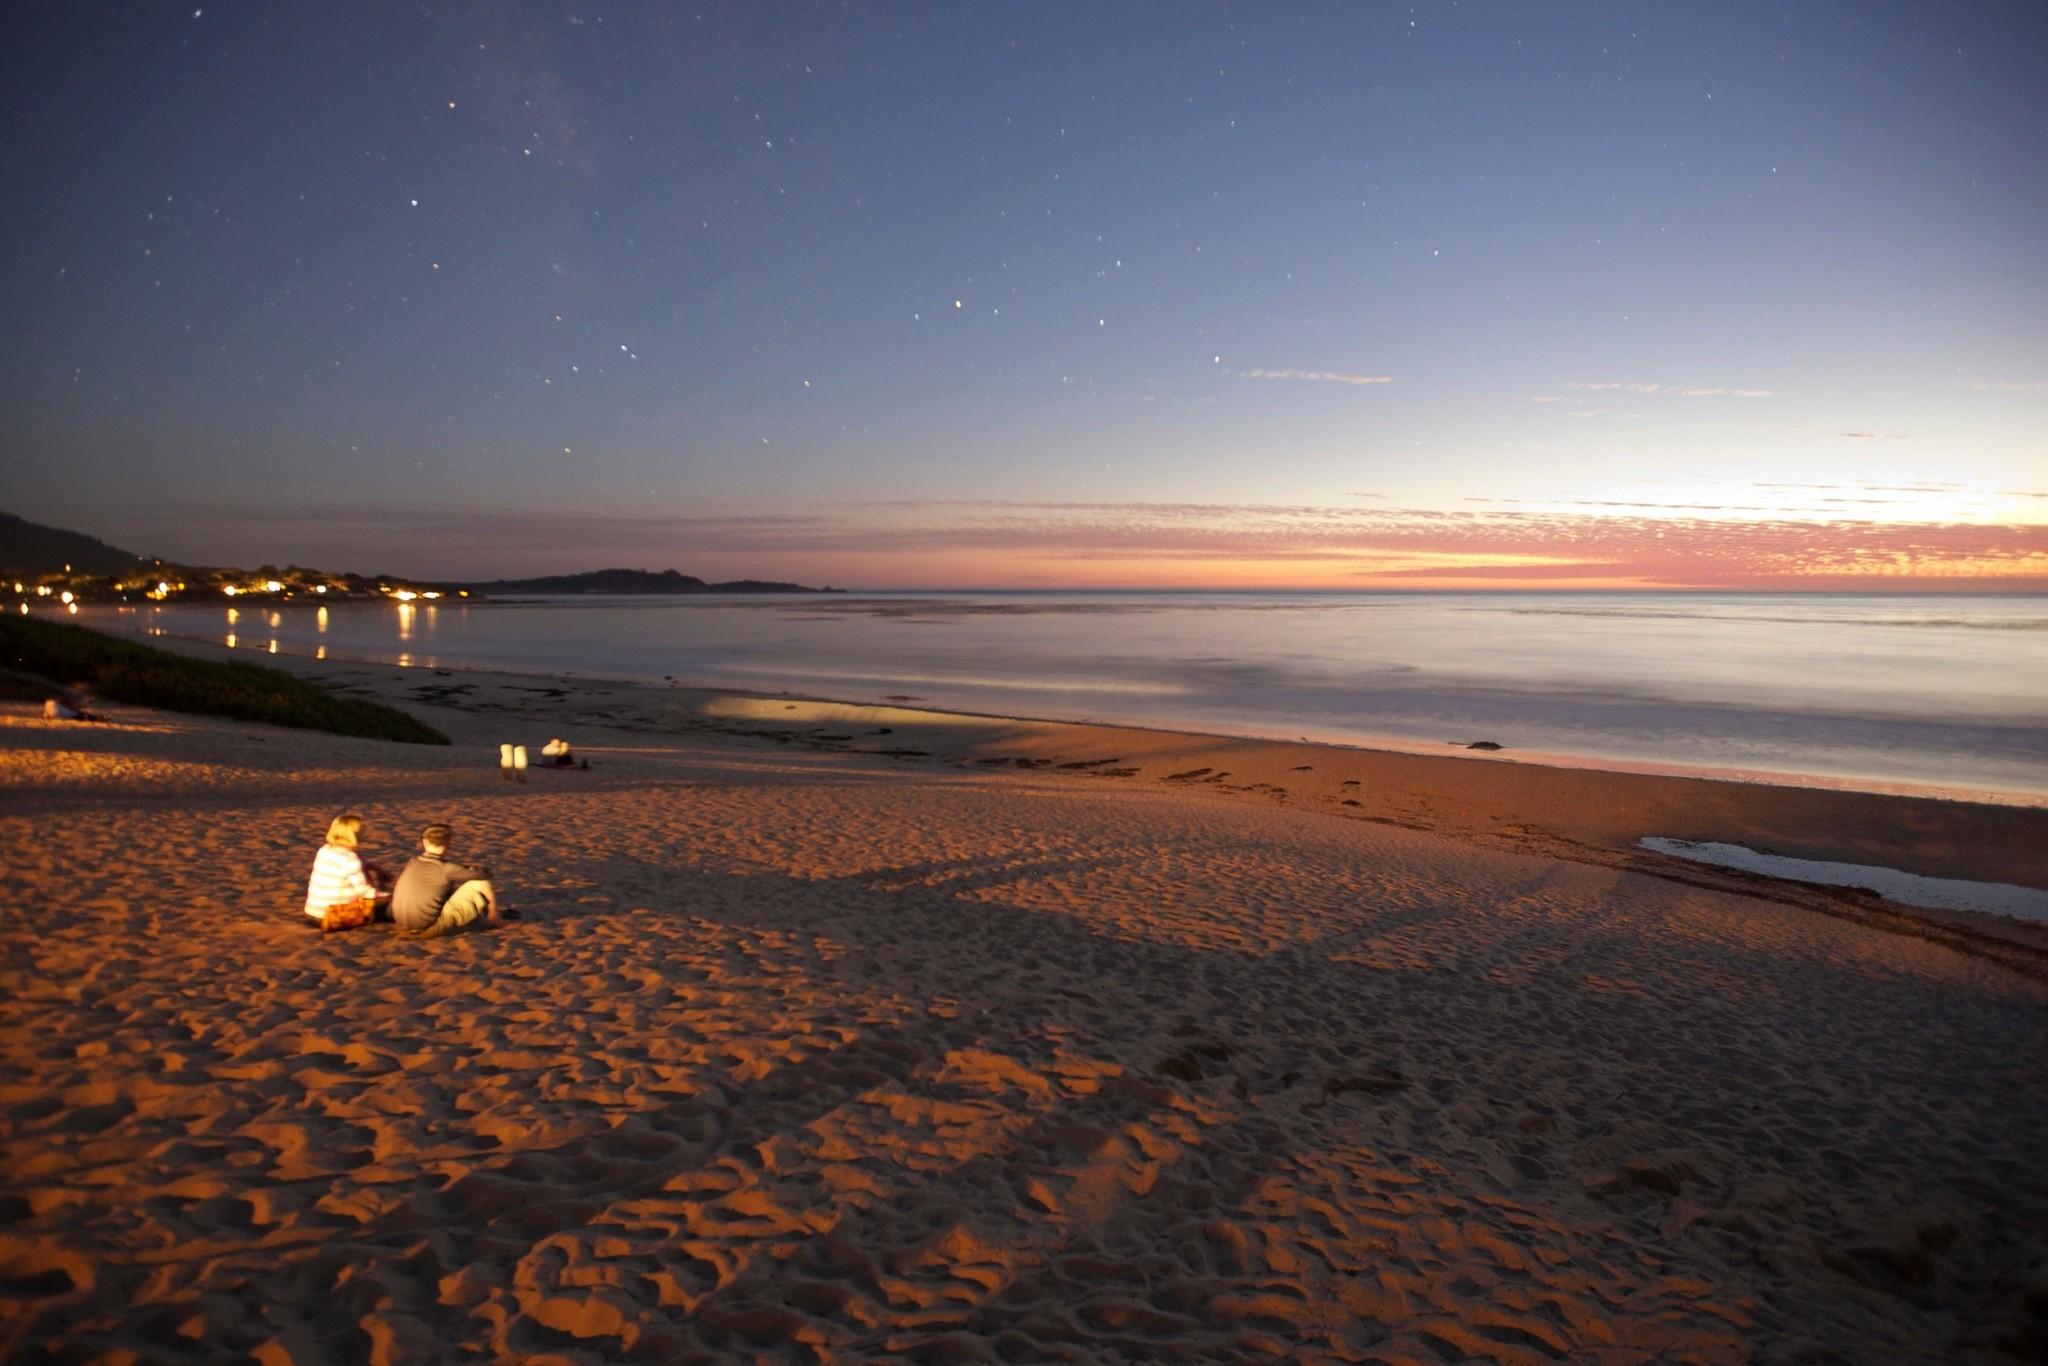 The Beach of Carmel ©Michael Theis